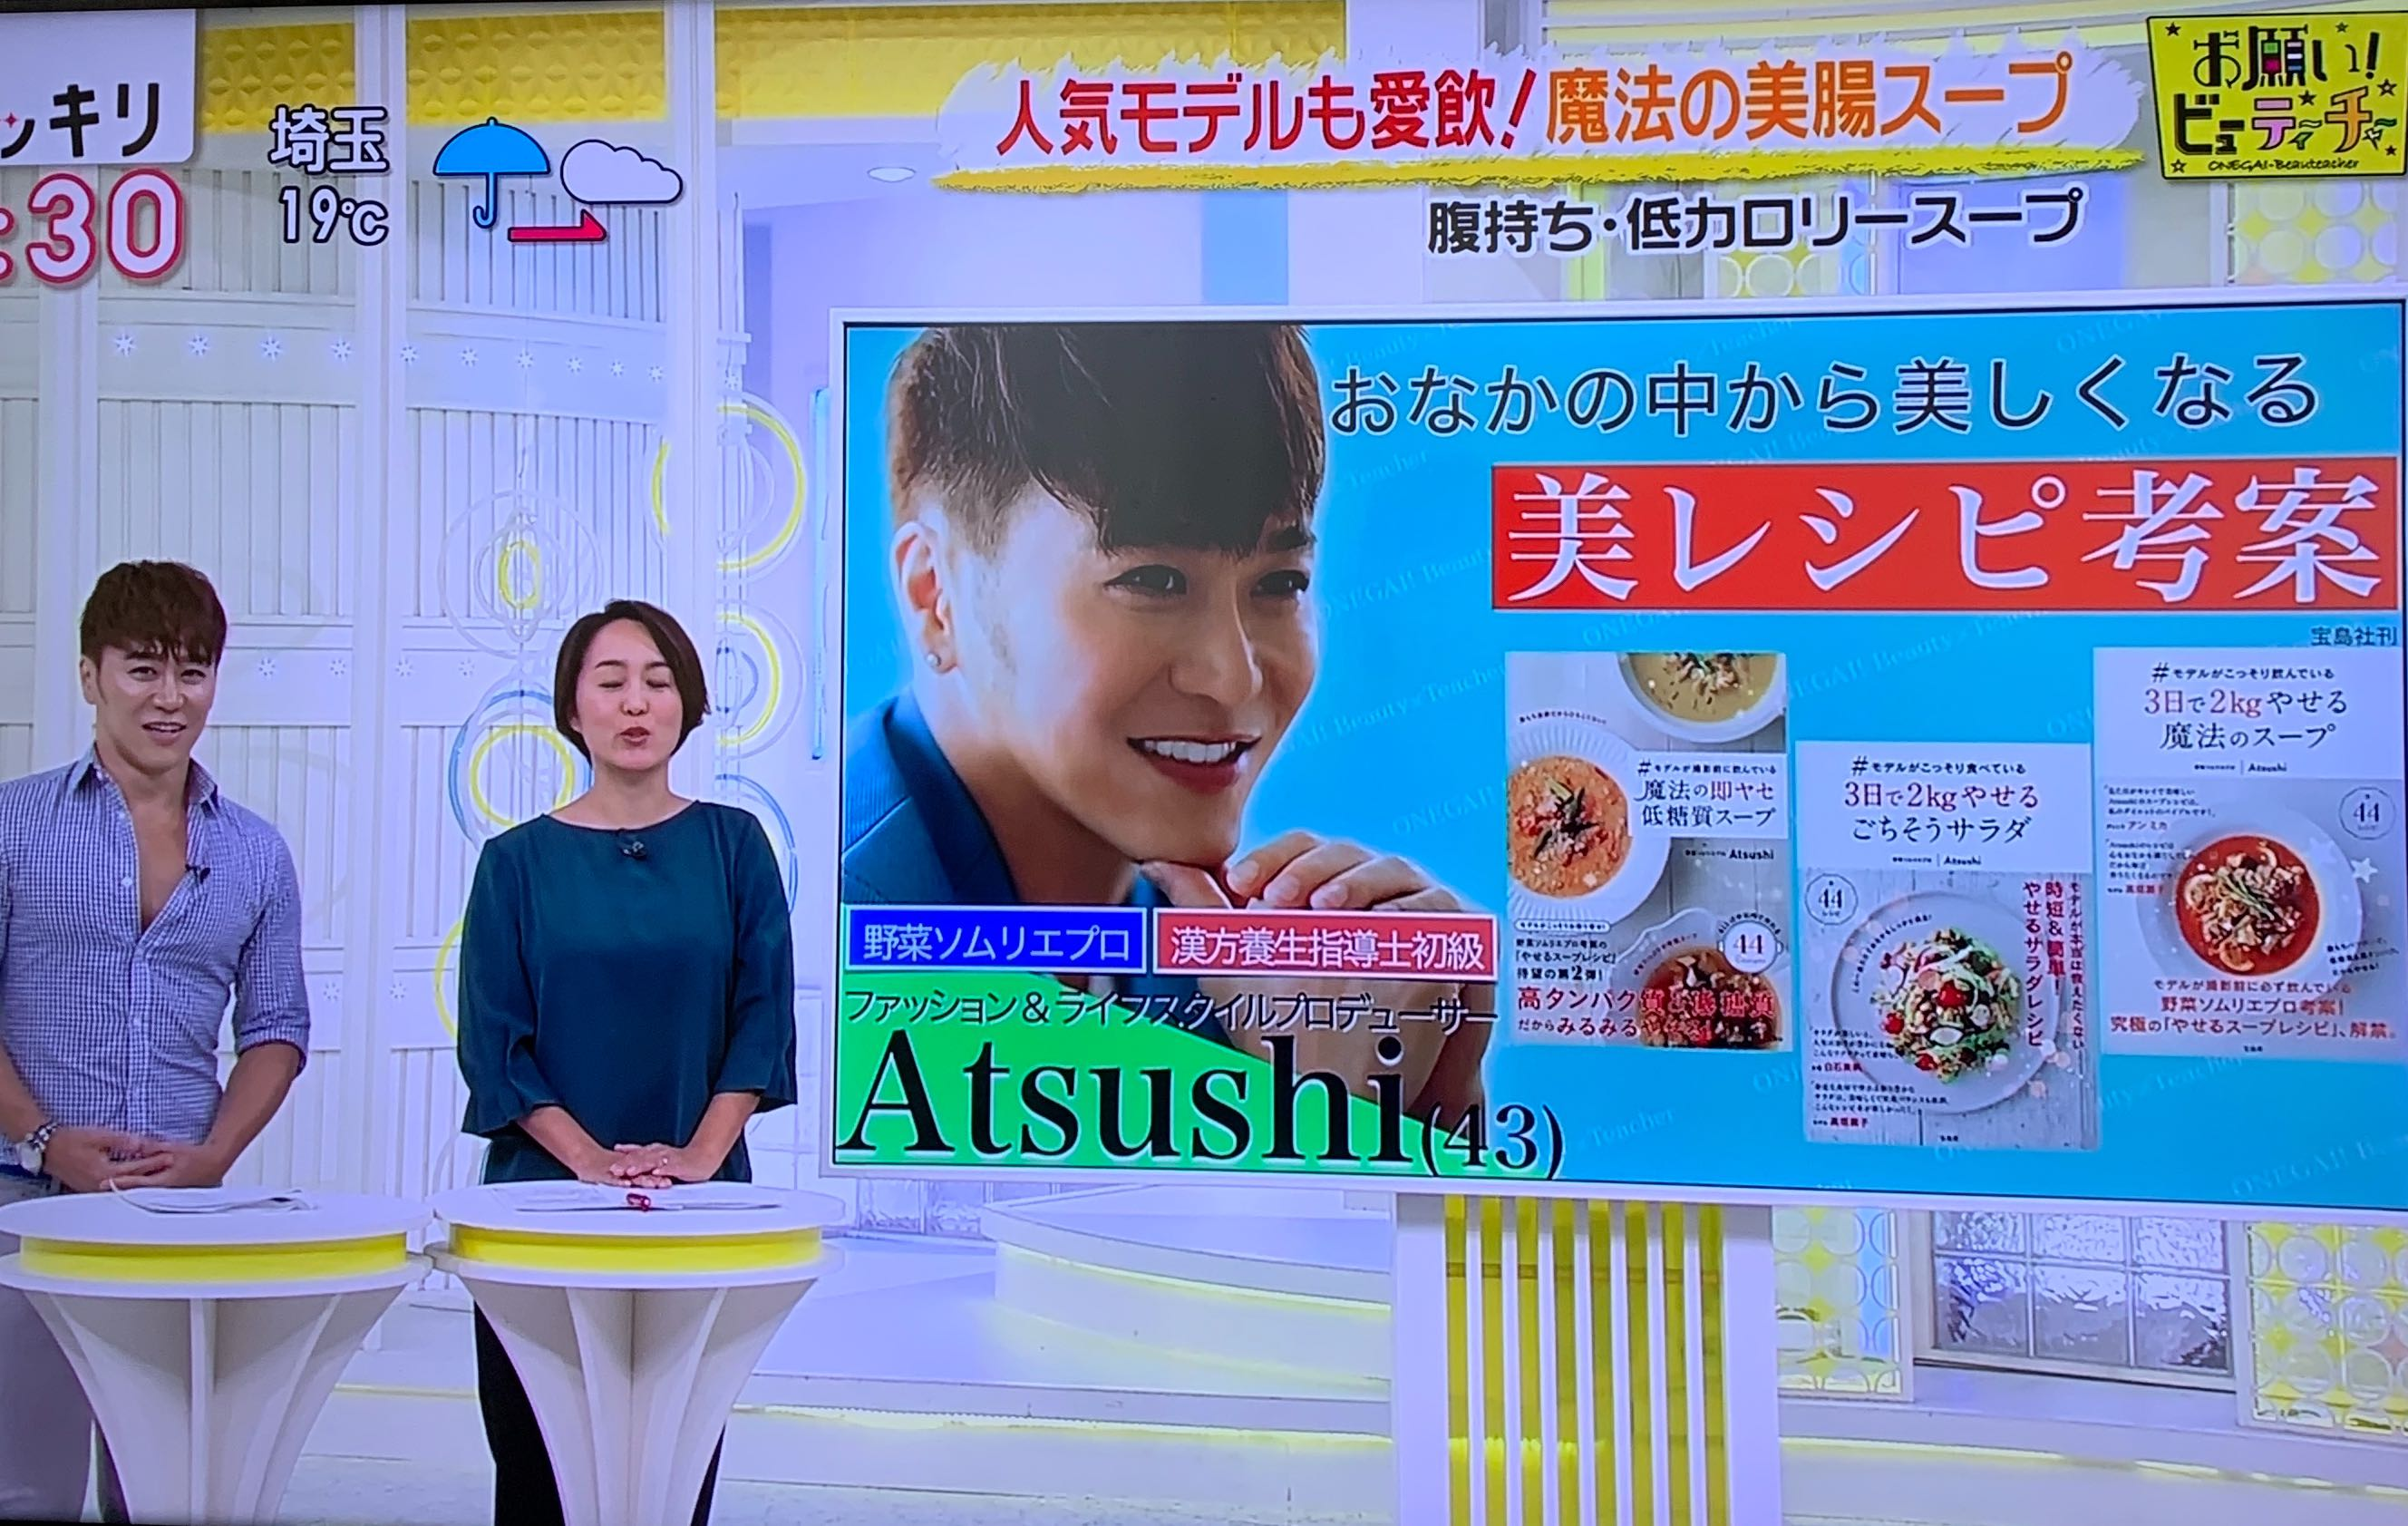 【テレビ出演】日テレ「スッキリ」お願い!ビューティーチャー